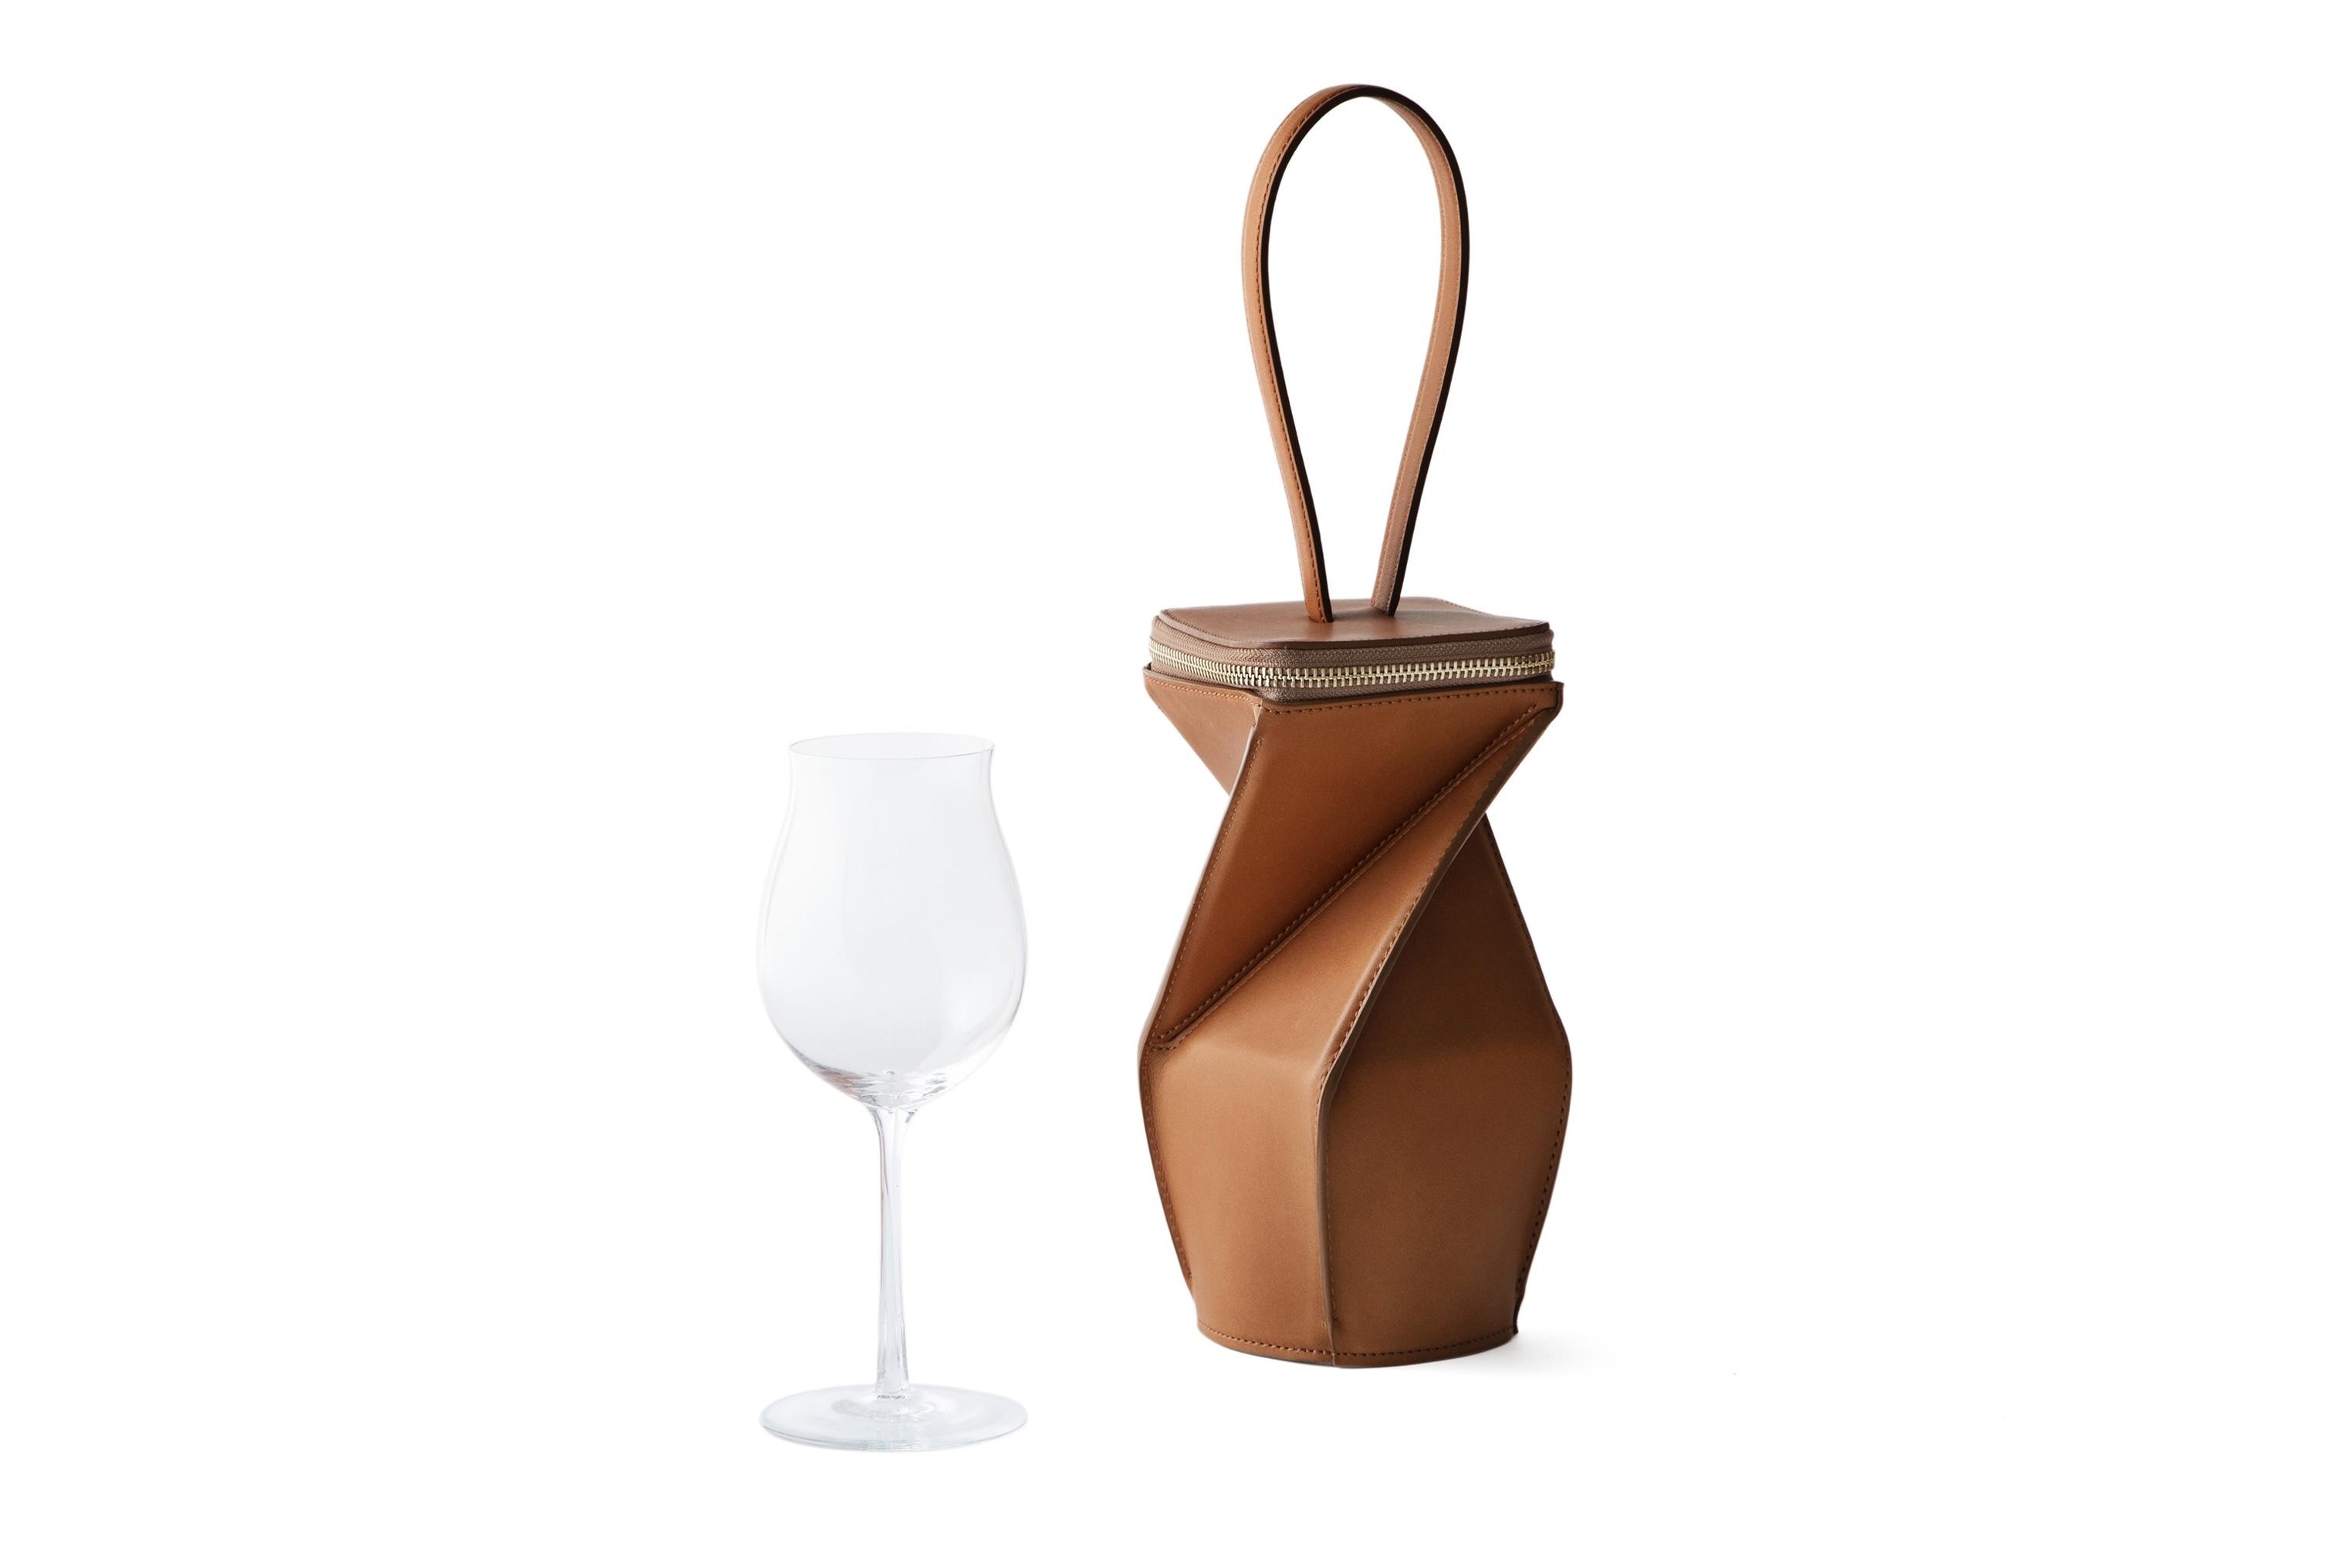 レザーメーカーとガラスブランドら老舗コラボ「ワイングラス持ち運ぶ」新作発売